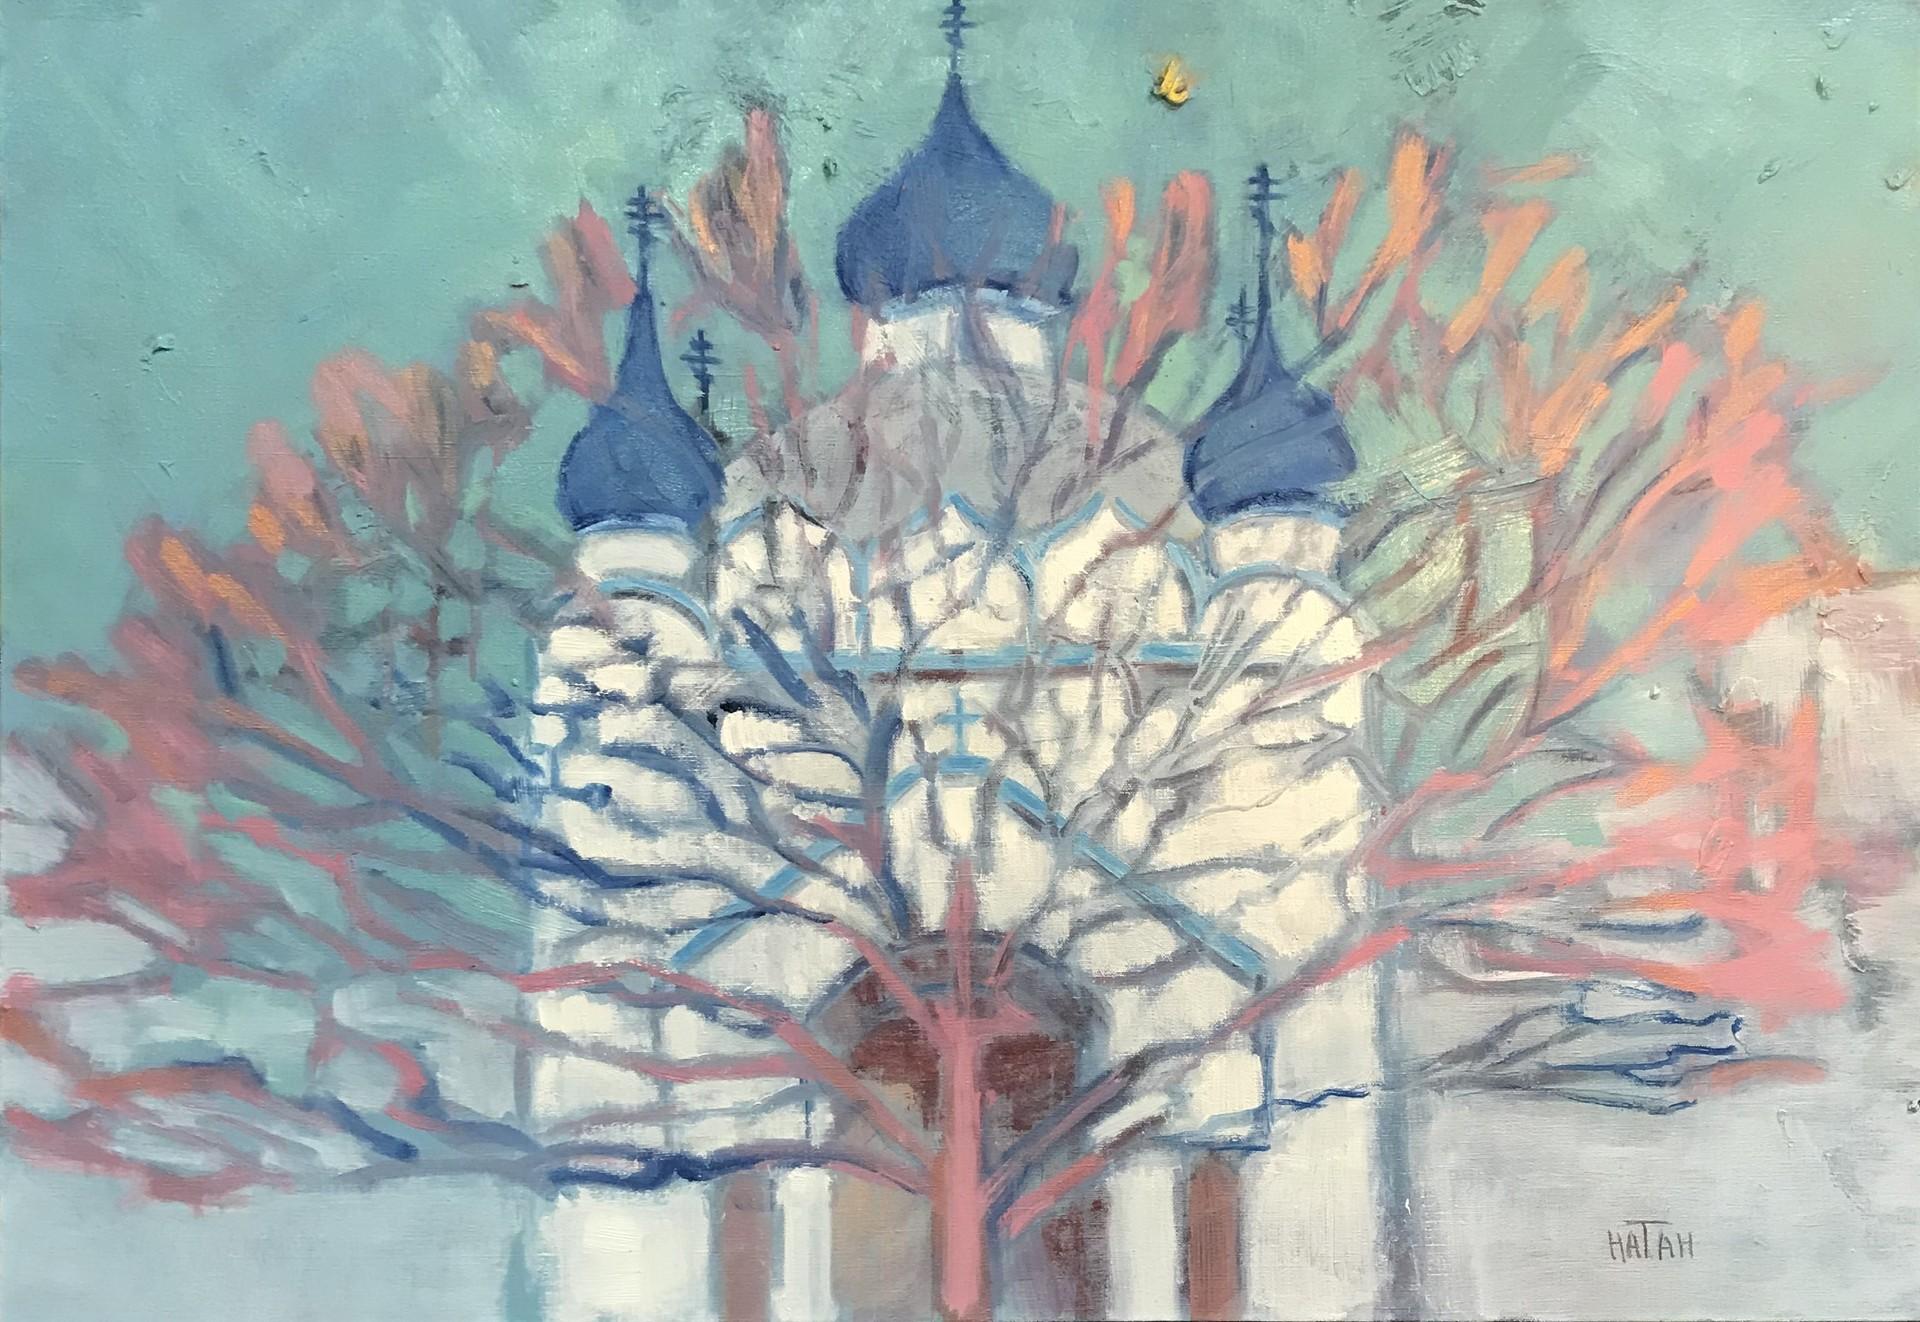 L'arbre de l'exode russe sur fond du temple Alexandre Nevski en Tunisie. Tel que conçu par Natan, il symbolise la diffusion de la culture russe et de l'orthodoxie dans le monde par les émigrants russes de la première vague.